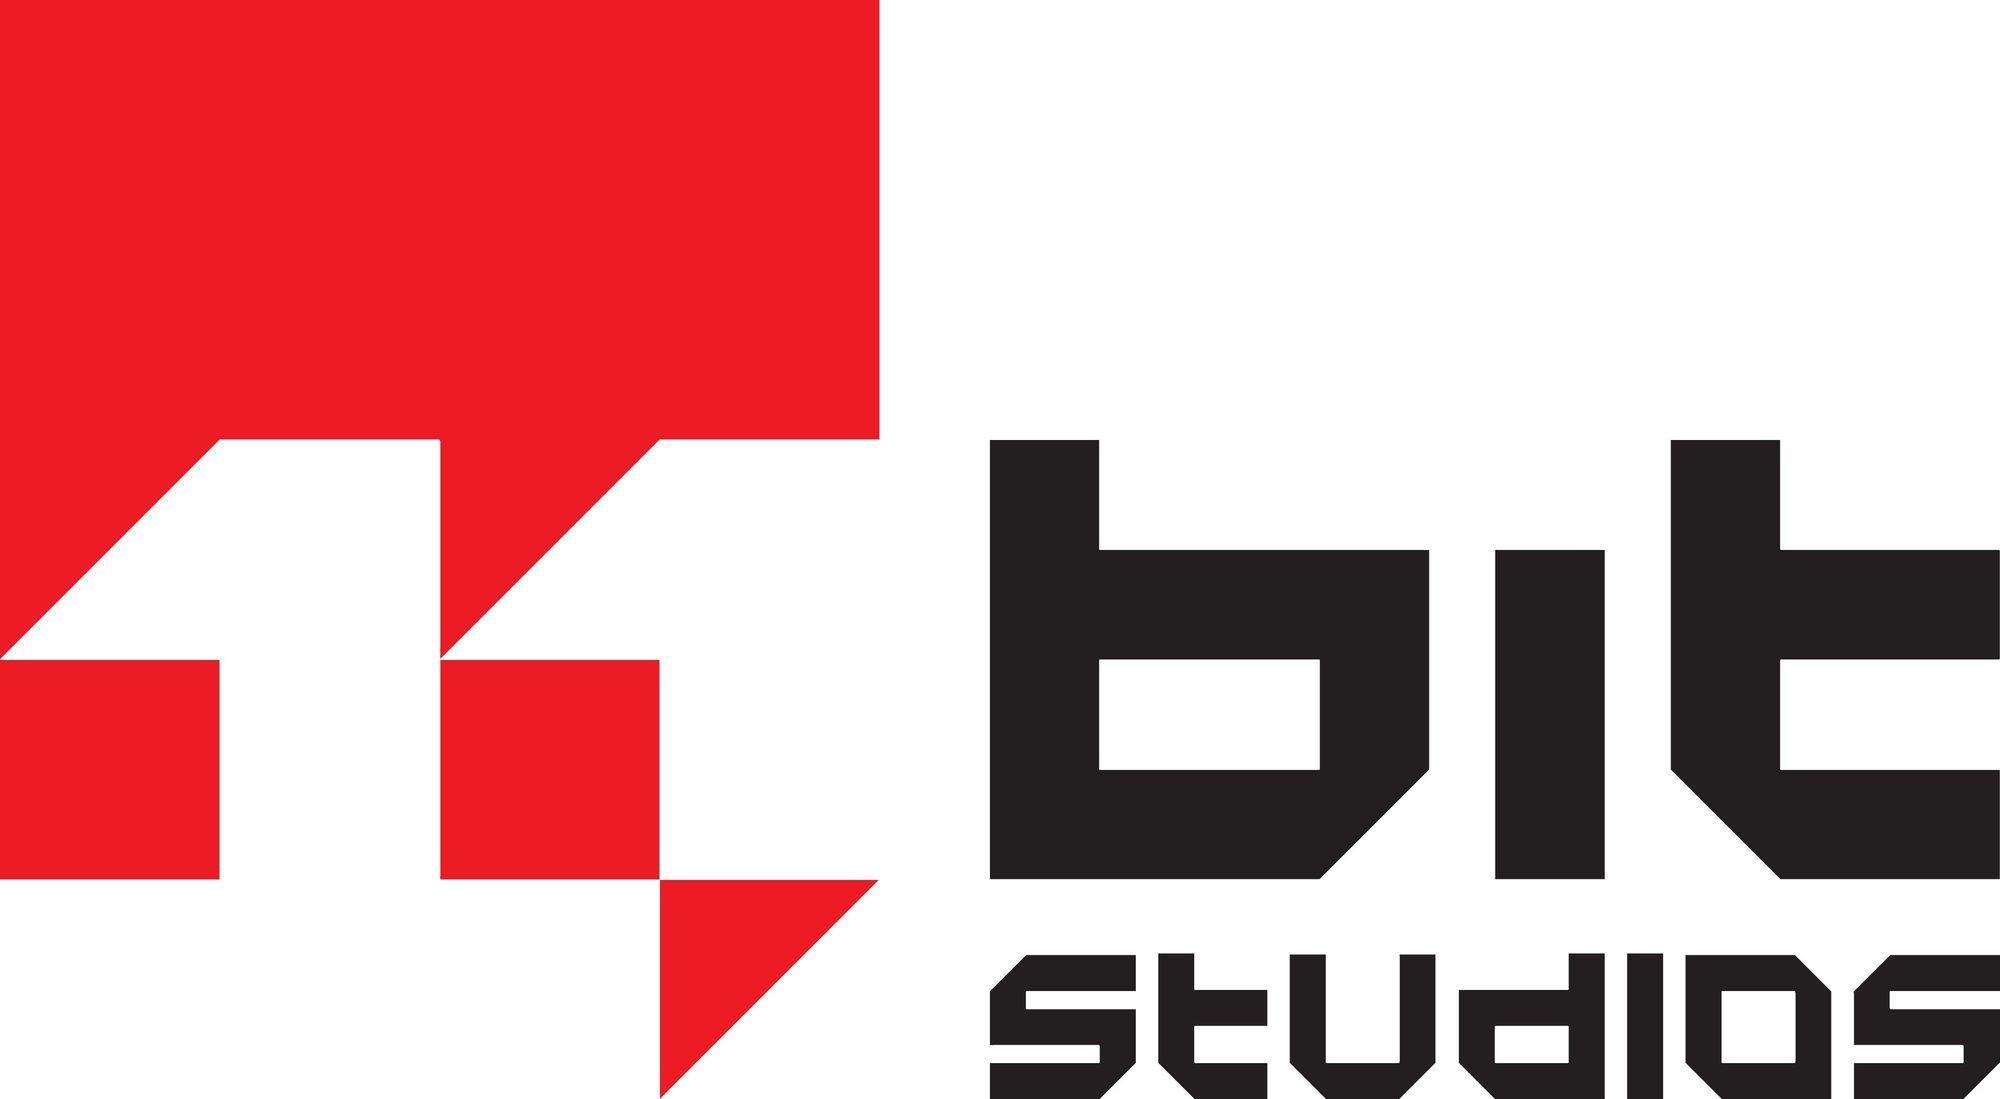 Czy program motywacyjny 11 bit studios jest rozczarowaniem?